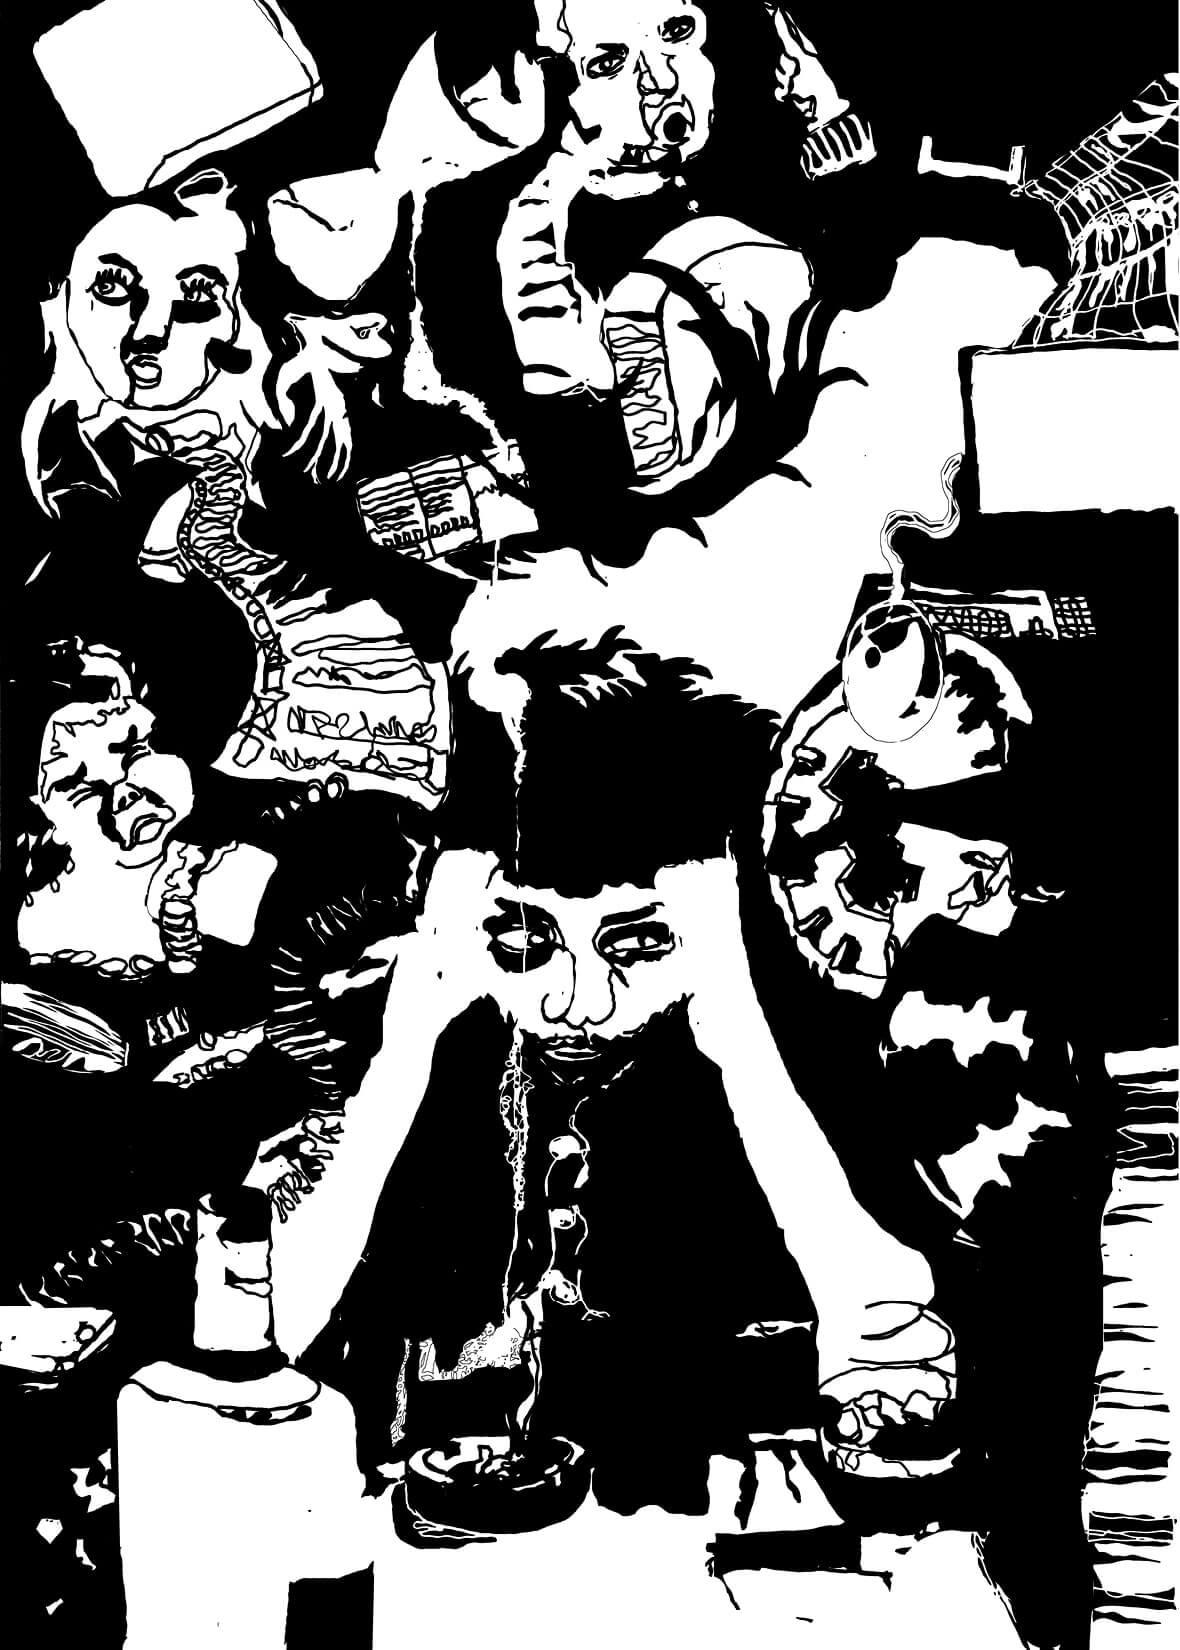 illustration stressige situation schwarz weiss siebruck